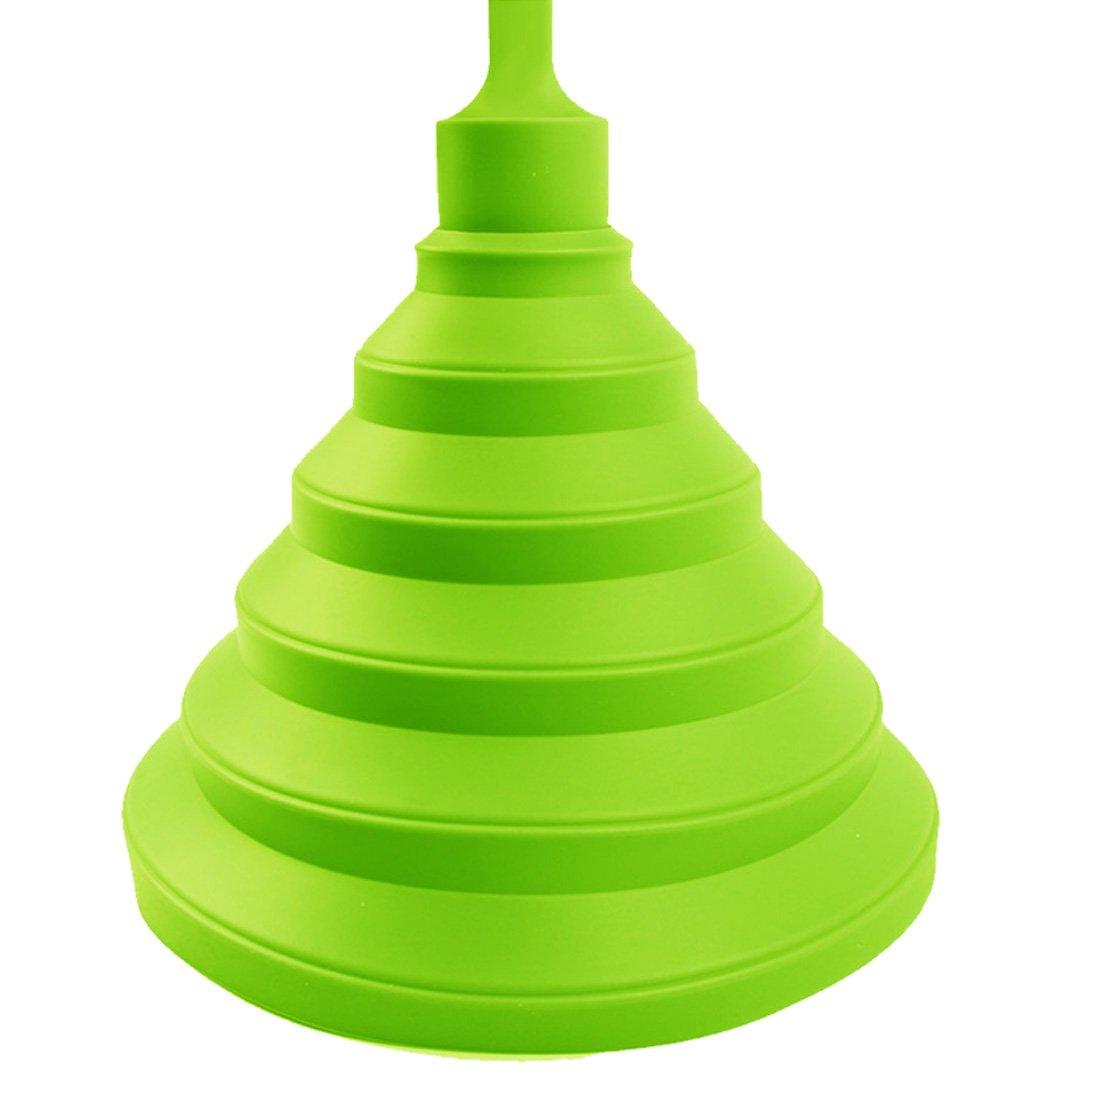 JJOnlineStore – Moderno Extensible Flex Silicona – decoración DIY Pantalla para lámpara de Techo lámparas Luces de Techo